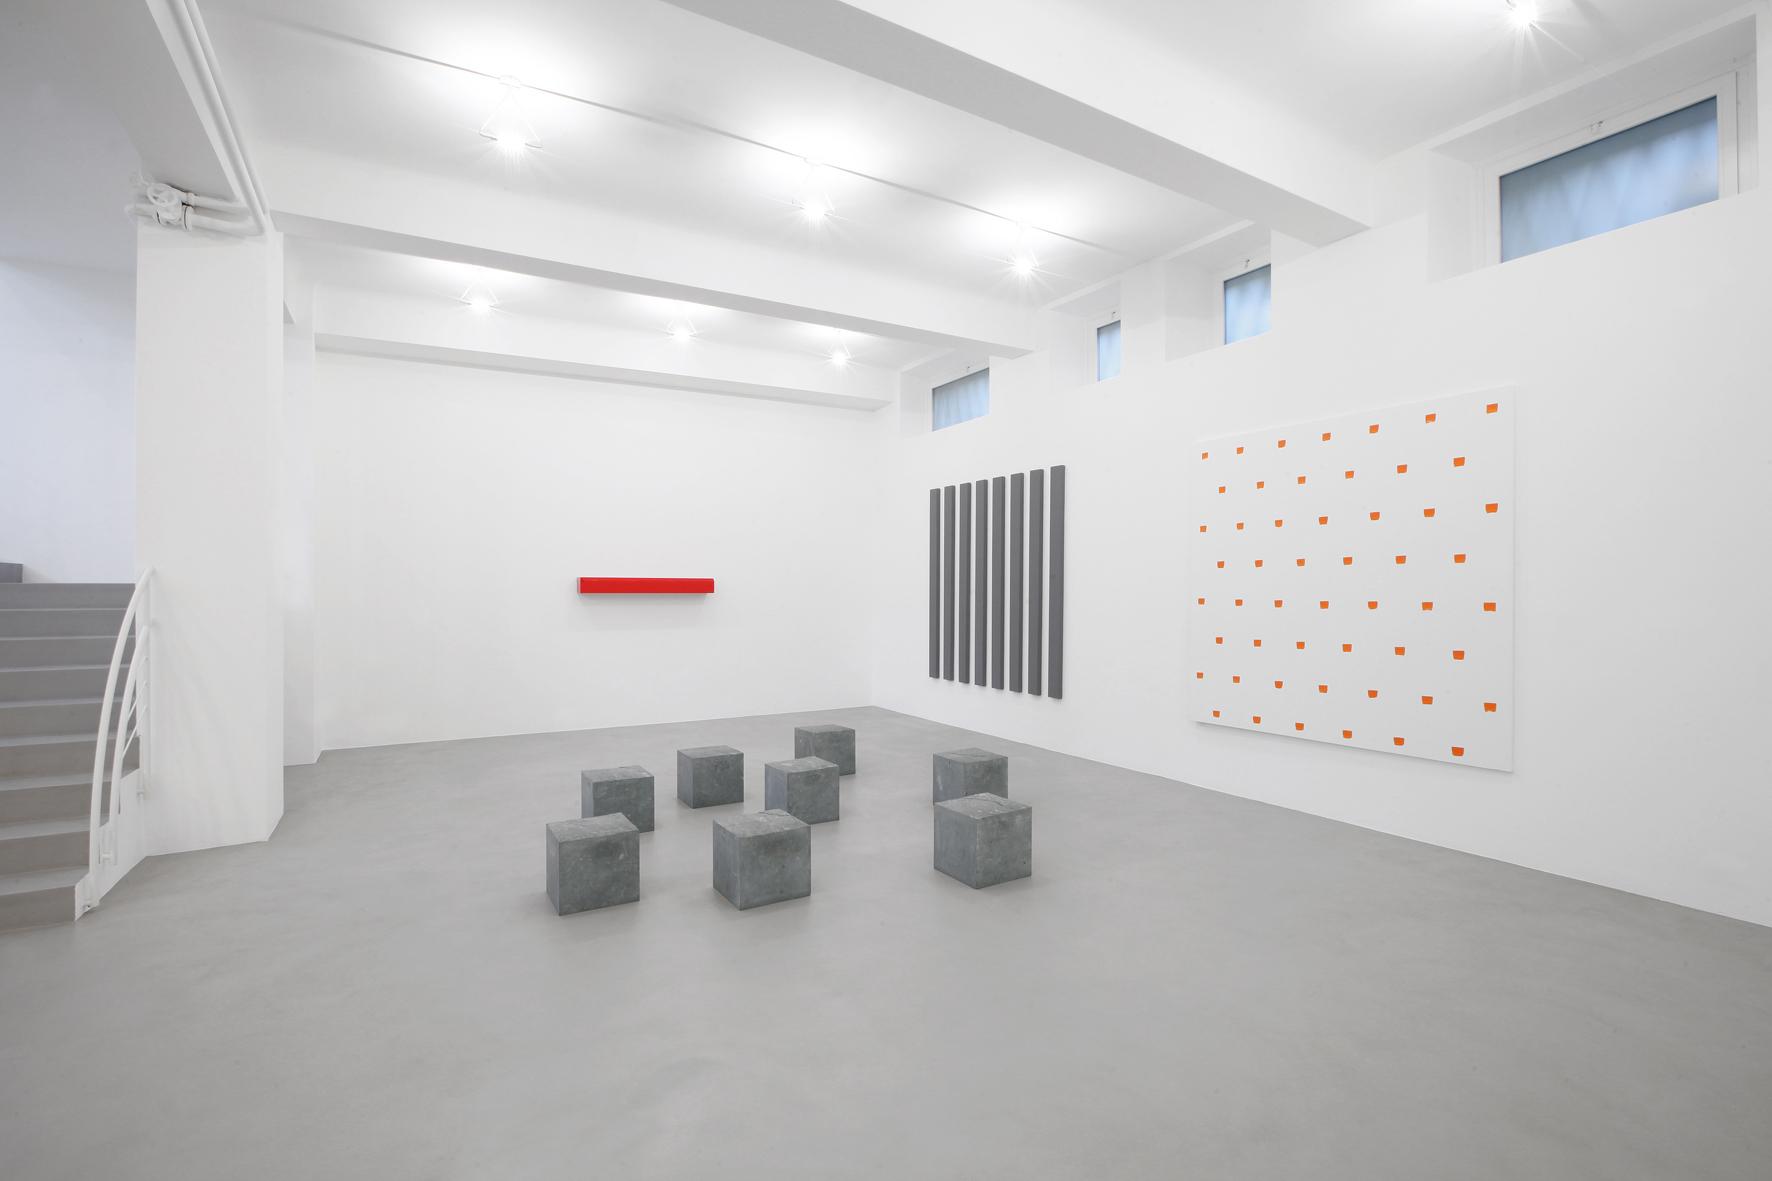 A arte studio invernizzi genesi del fare grande arte for Minimal art artisti